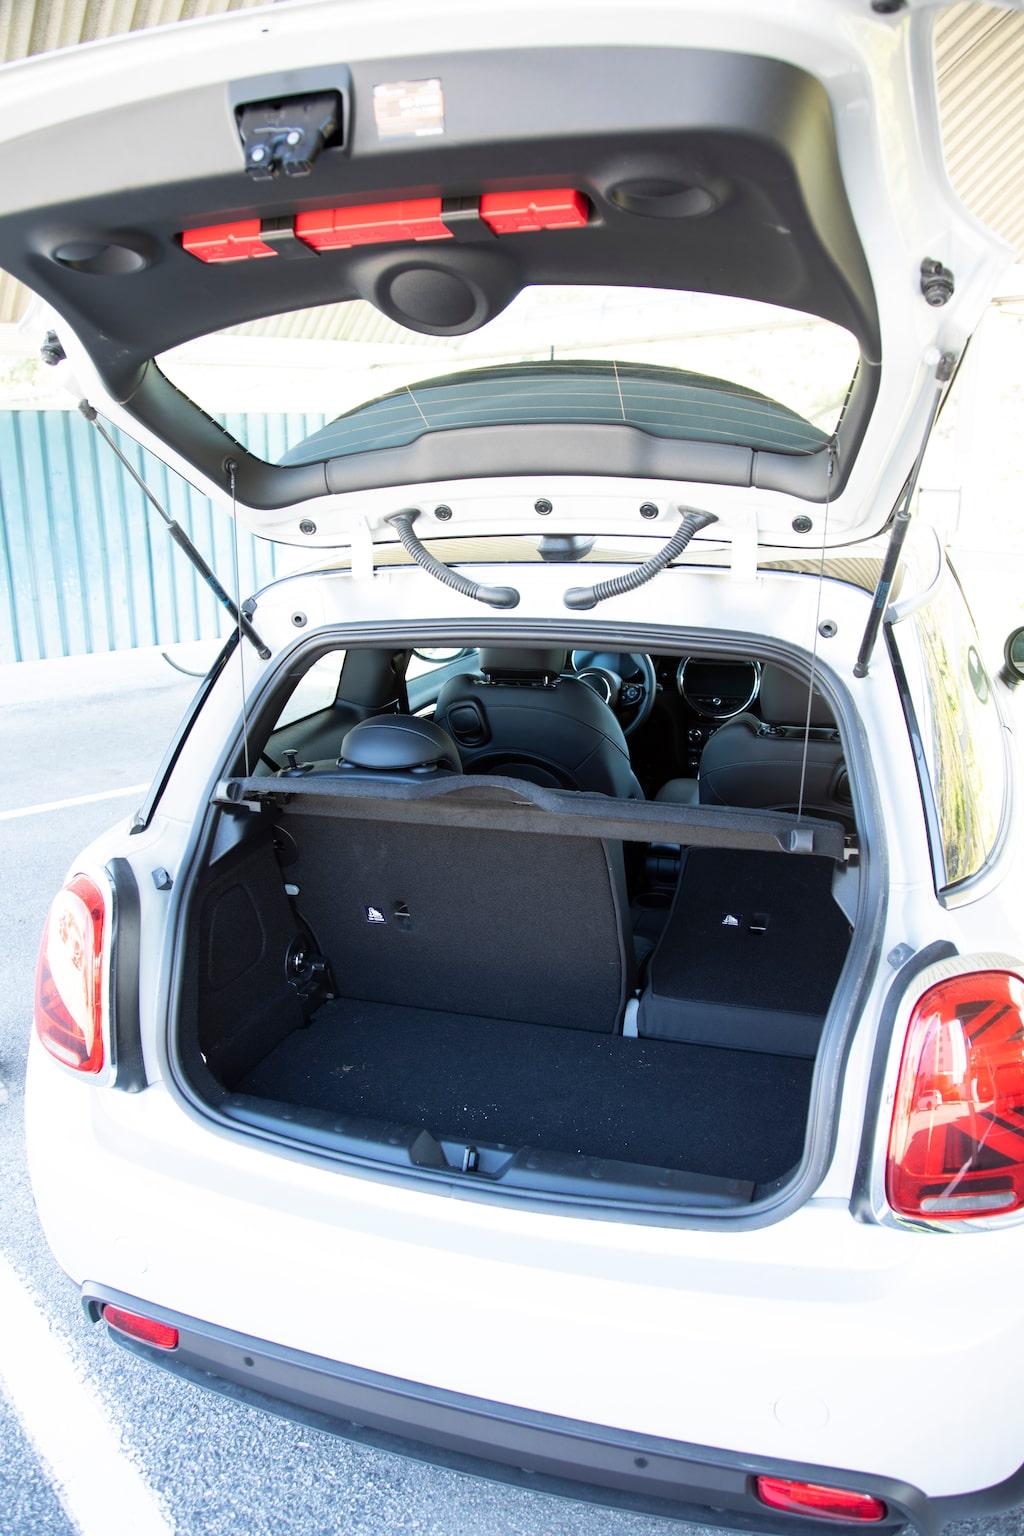 Mini har ett av bilvärldens kortaste bagageutrymmen. Baksätet fungerar bäst som extra förvaringsutrymme.